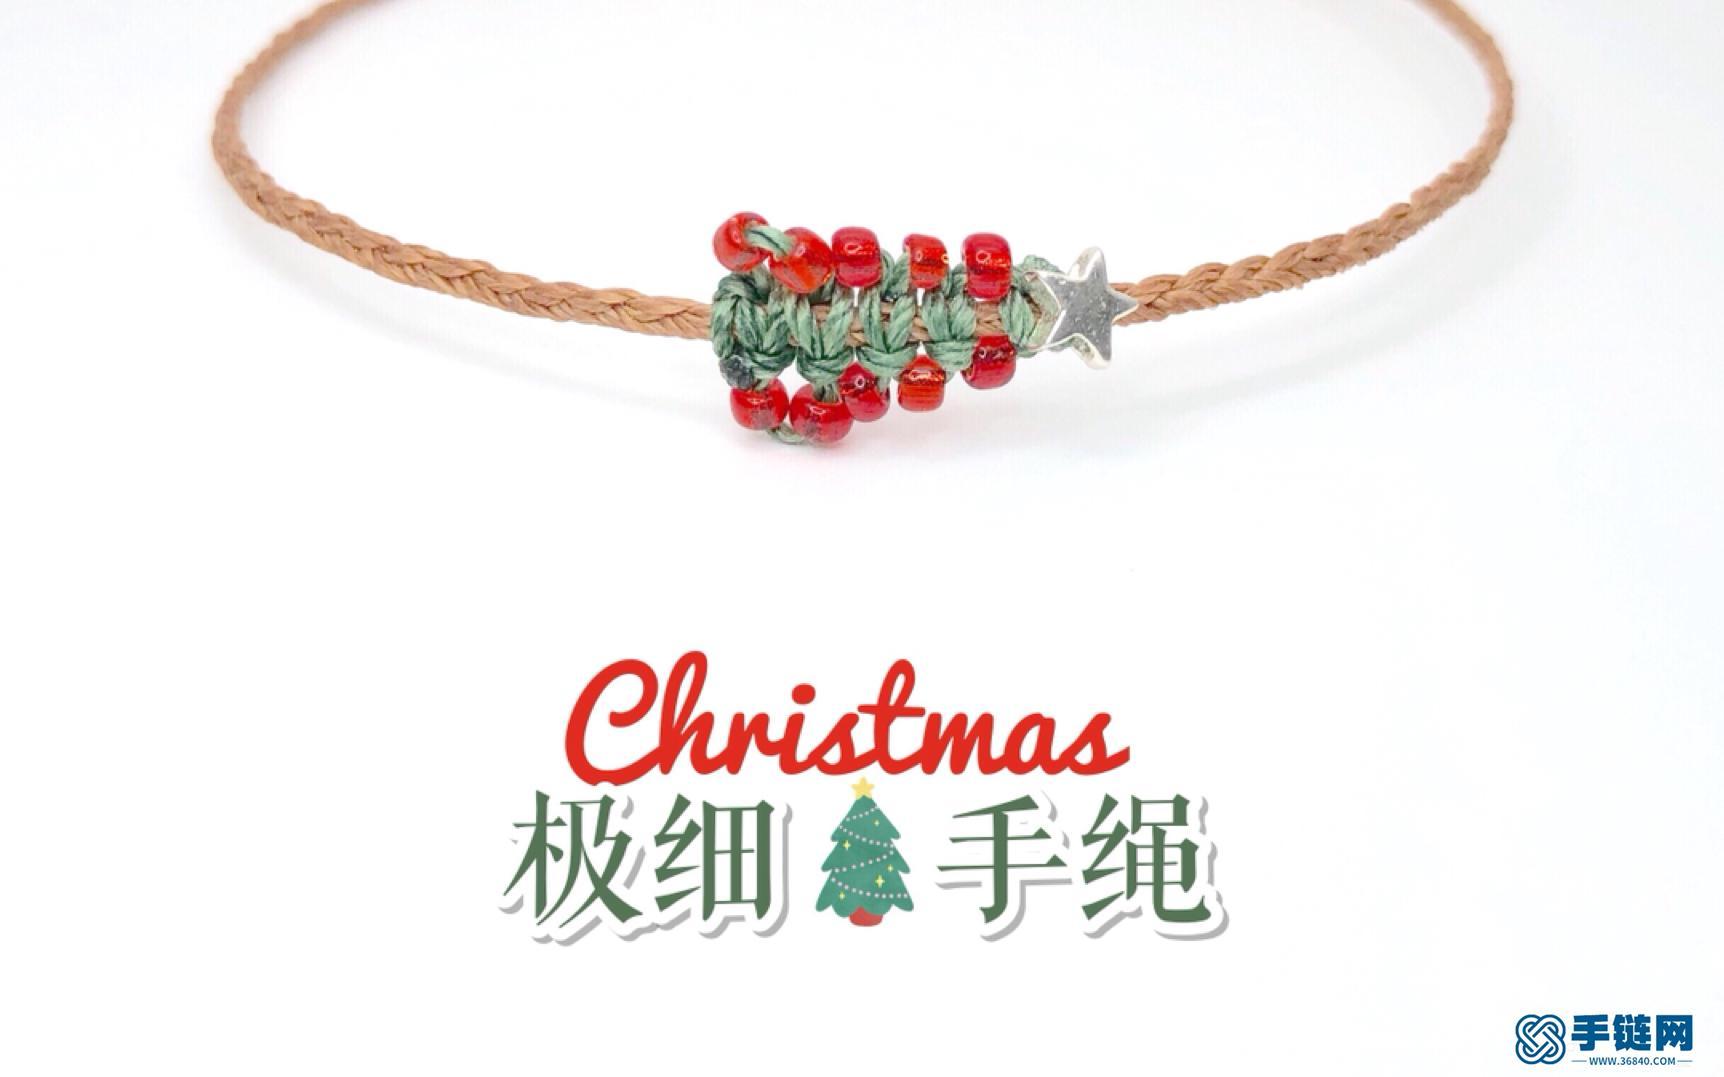 圣诞树手链diy~少女感十足!详细视频教程